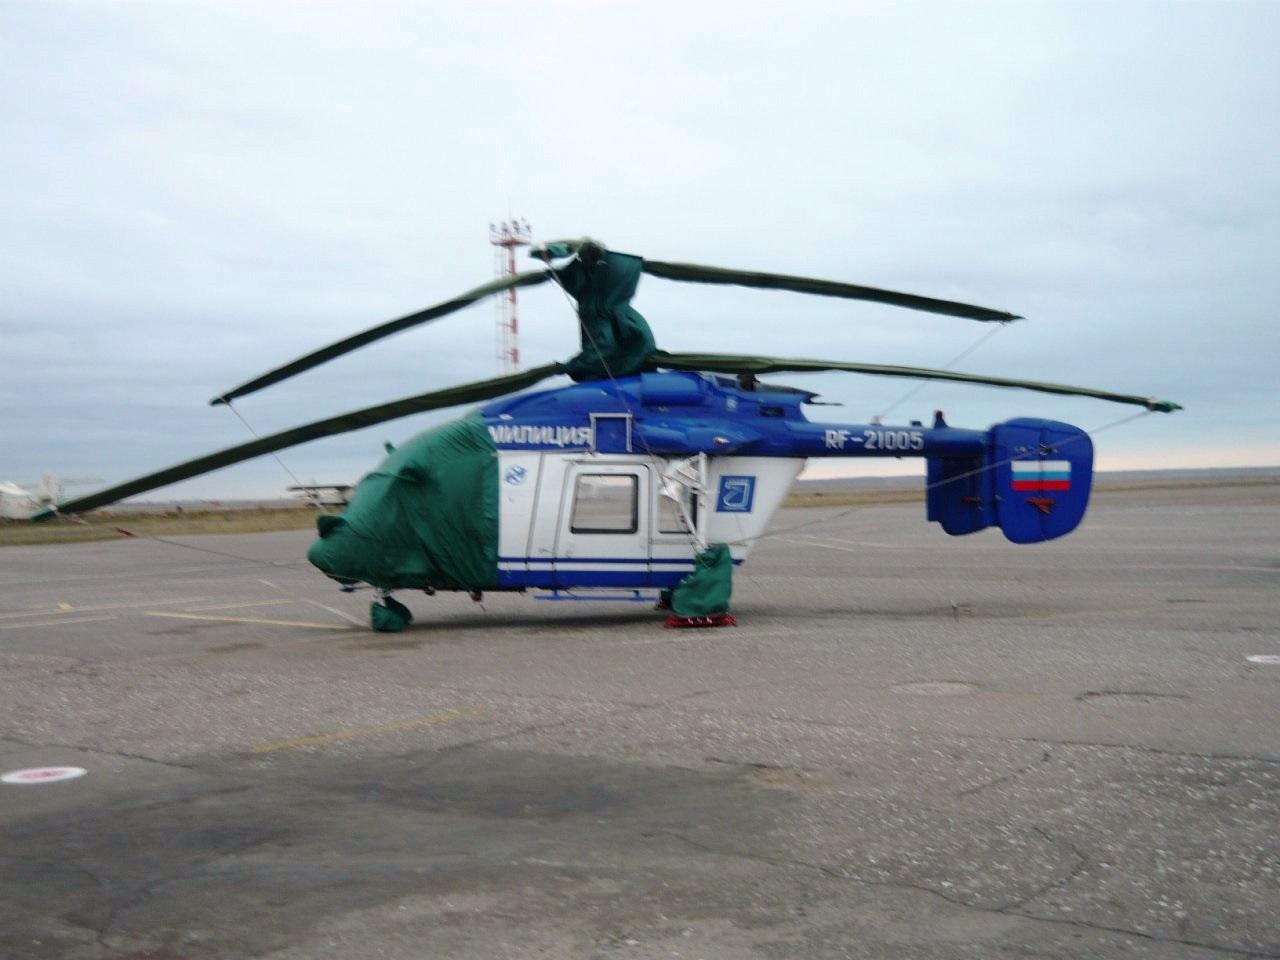 Вертолет Ка-226 (регистрационный номер RF-21005, серийный номер 01-05) постройки 2008 года, эксплуатируемый авиационным отрядом Росгвардии (бывший АОСН МВД России) в Астраханской области. Снимок 2017 года.